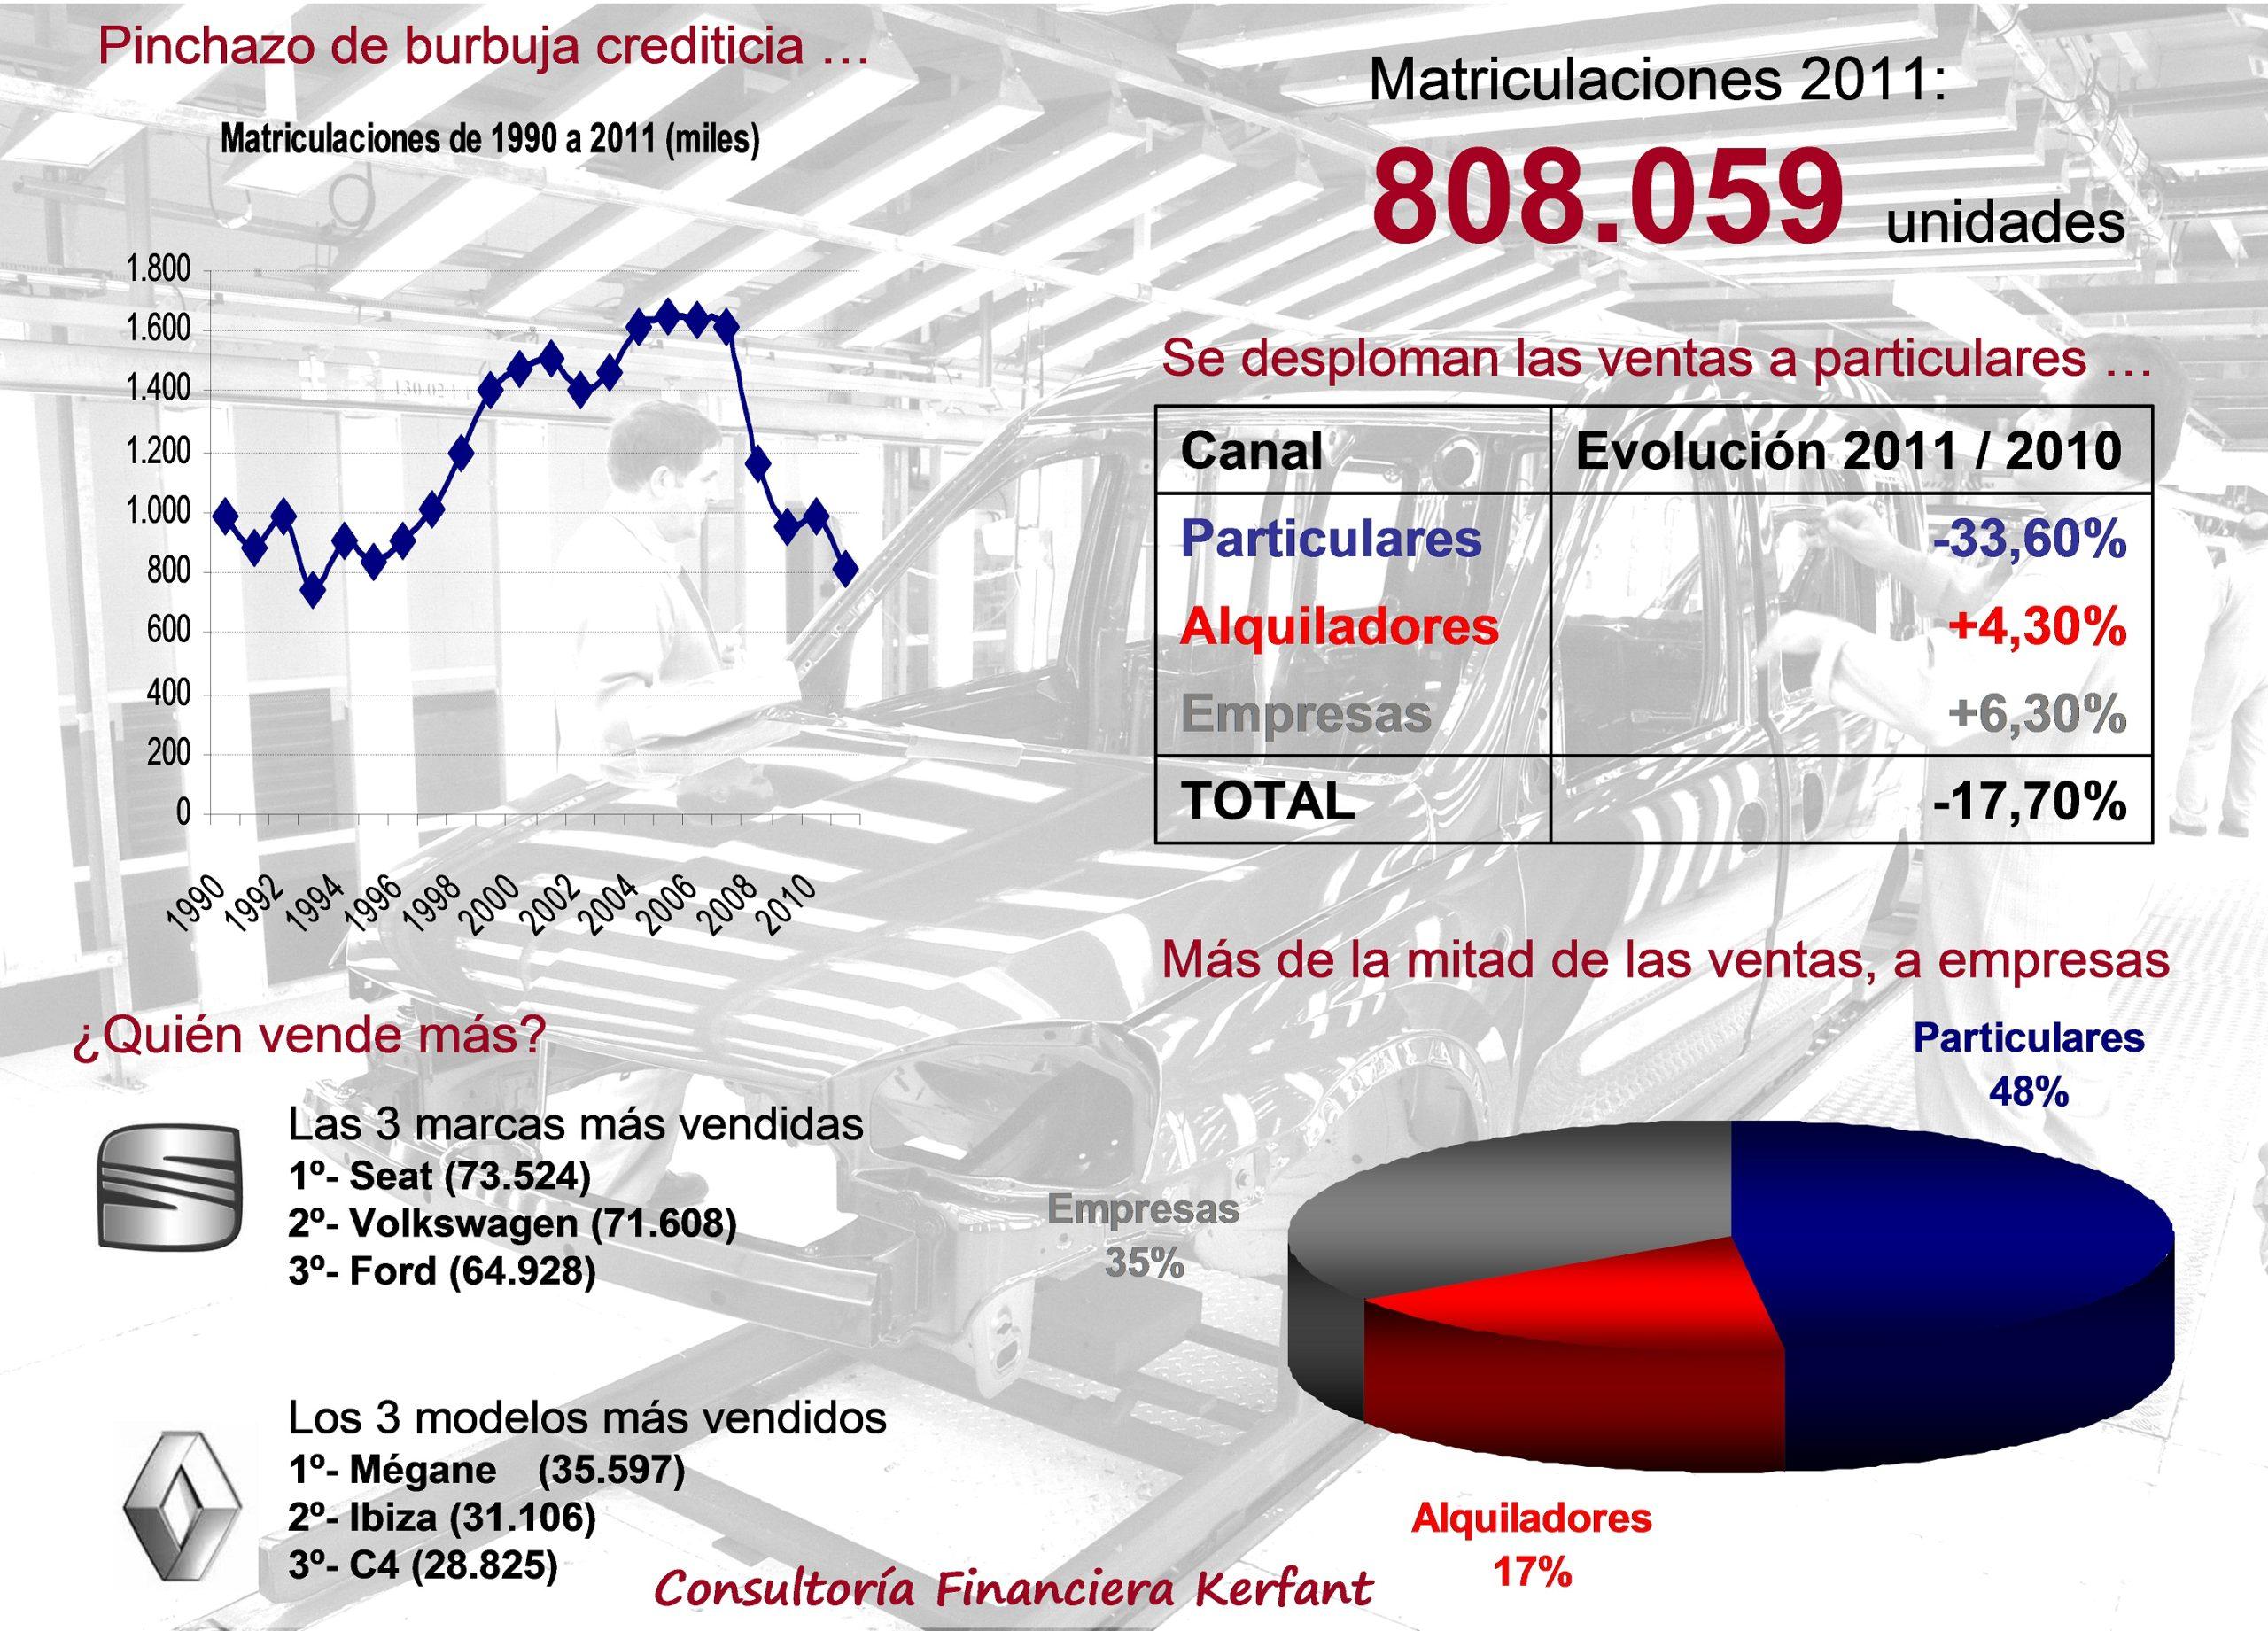 Infografía Matriculaciones 2011